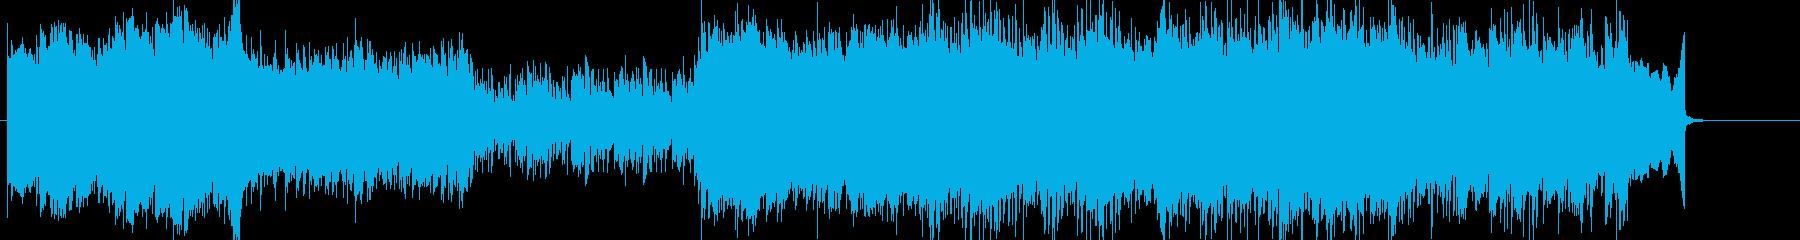 かっこいい雰囲気の現代的シンセEDMの再生済みの波形